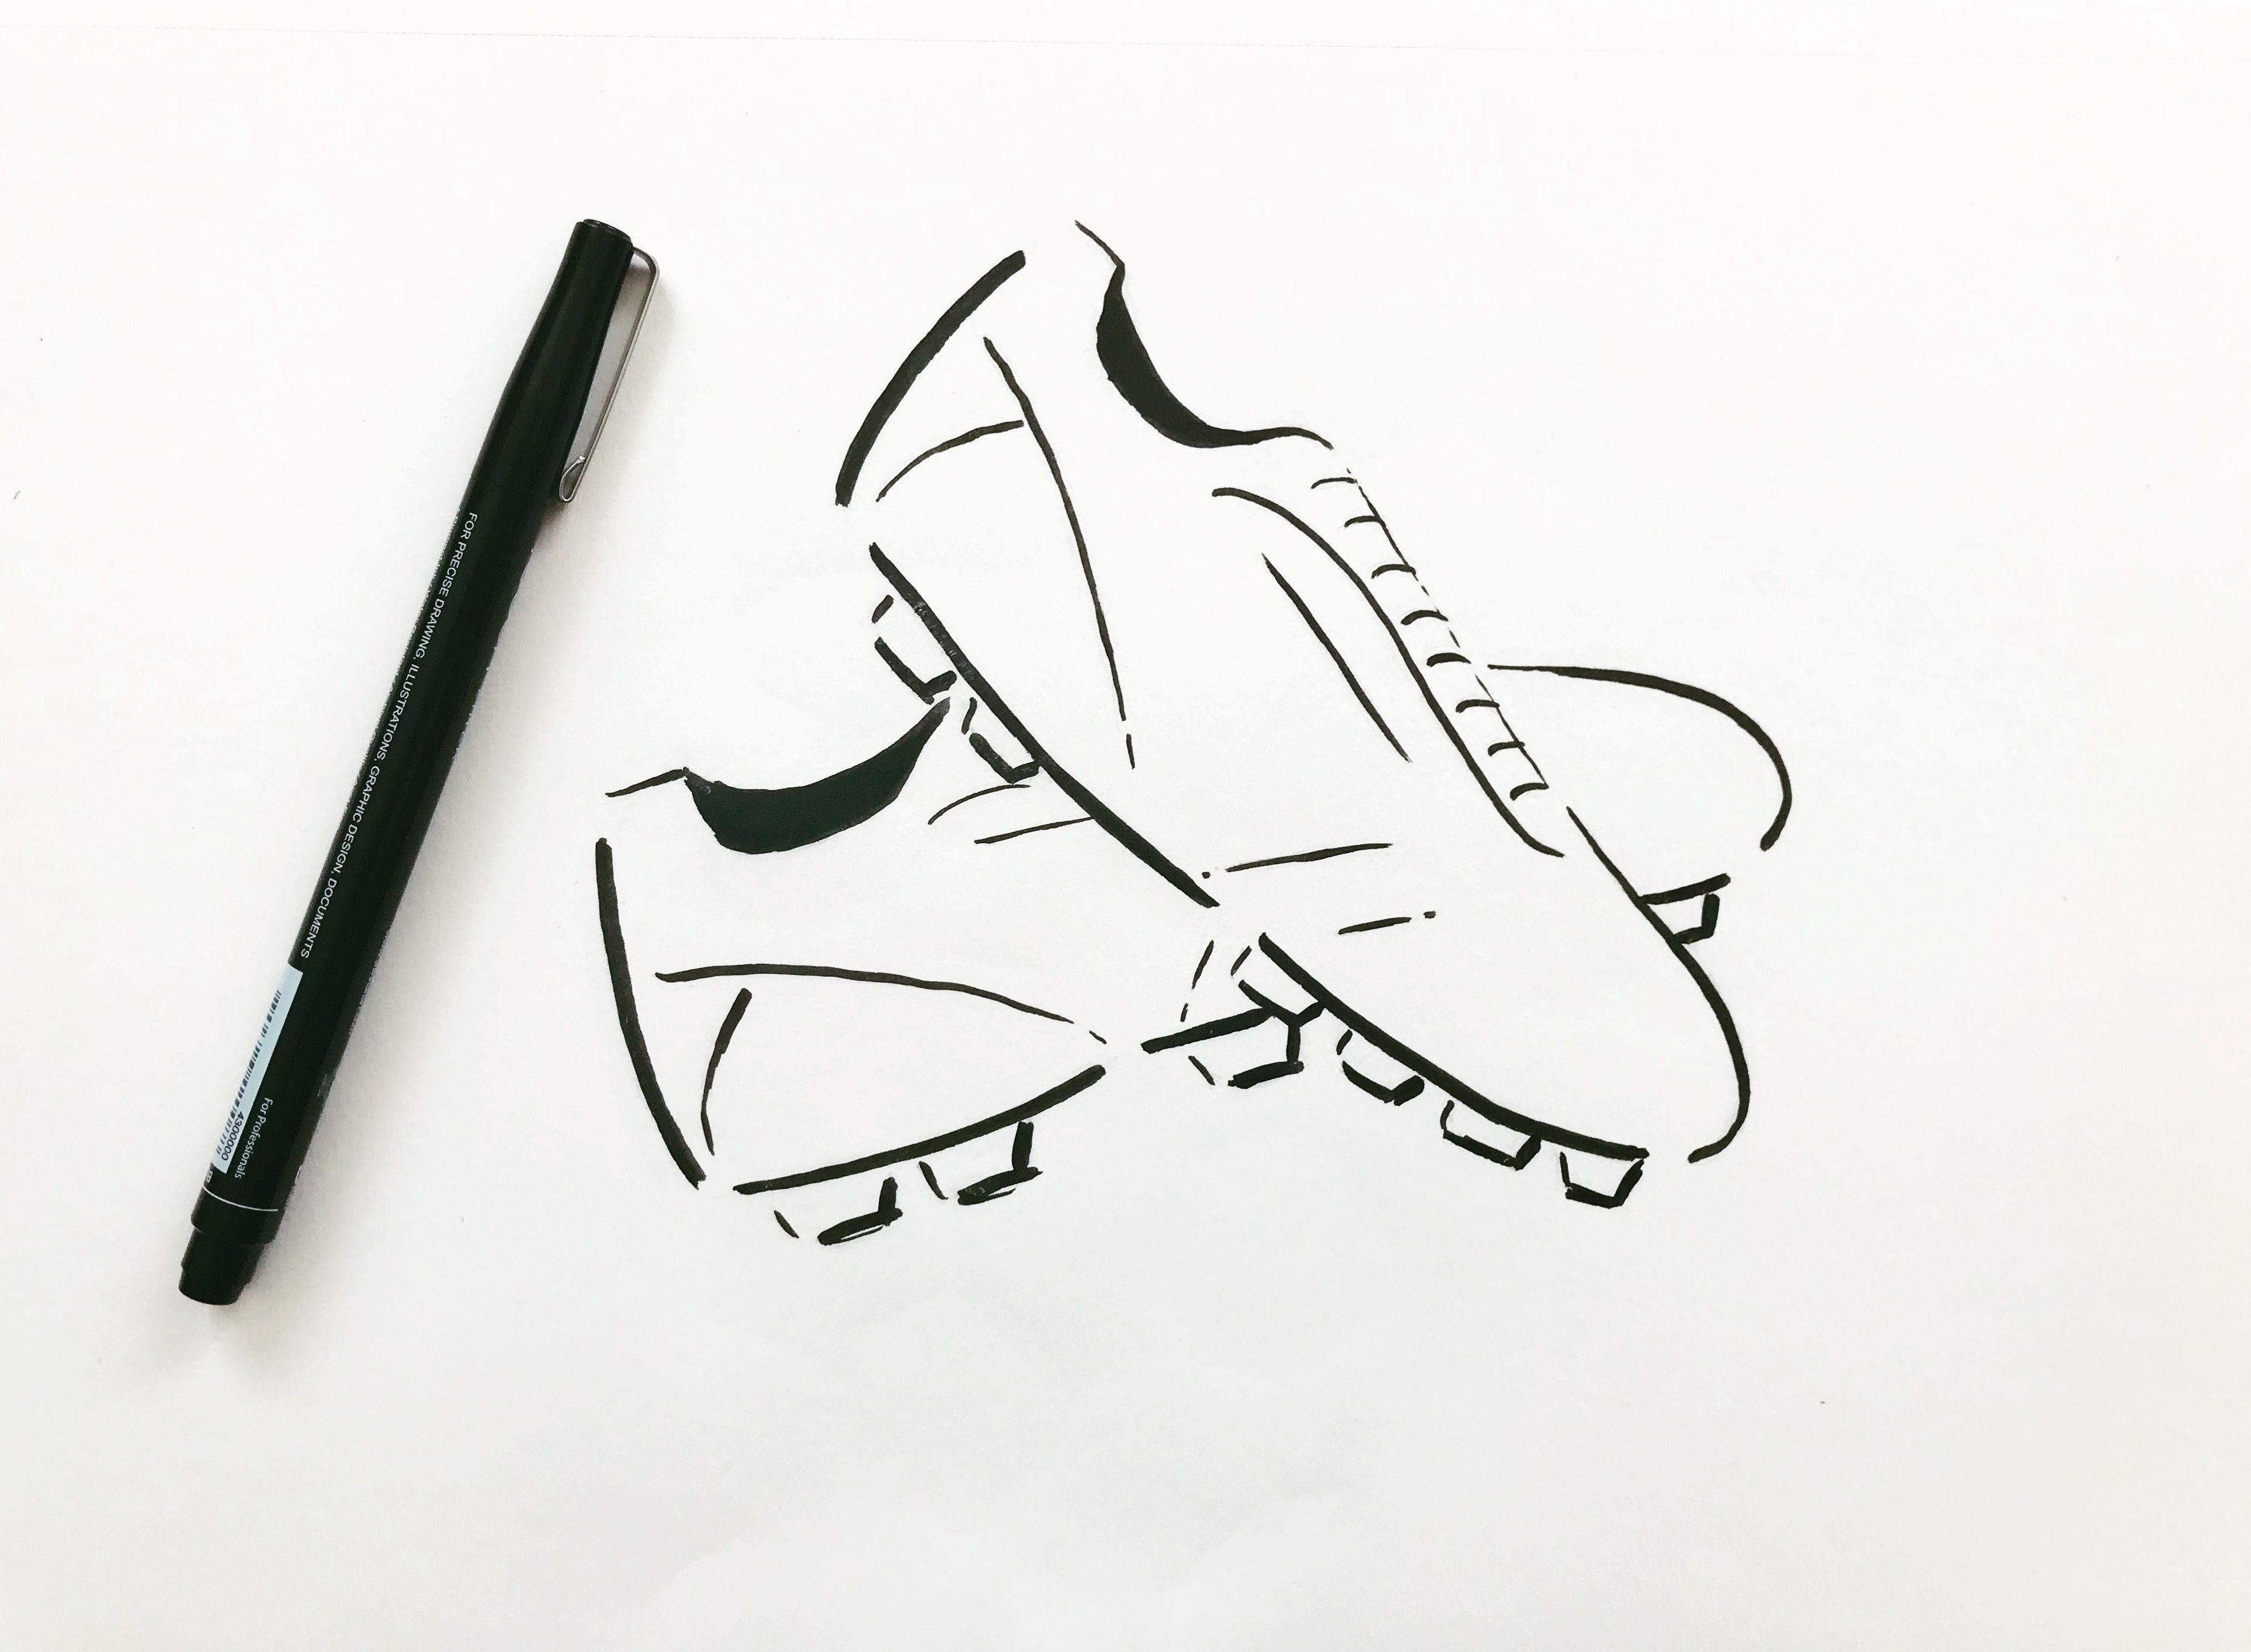 Fussball Fussballschuhe Sketch Illustration Logodesign